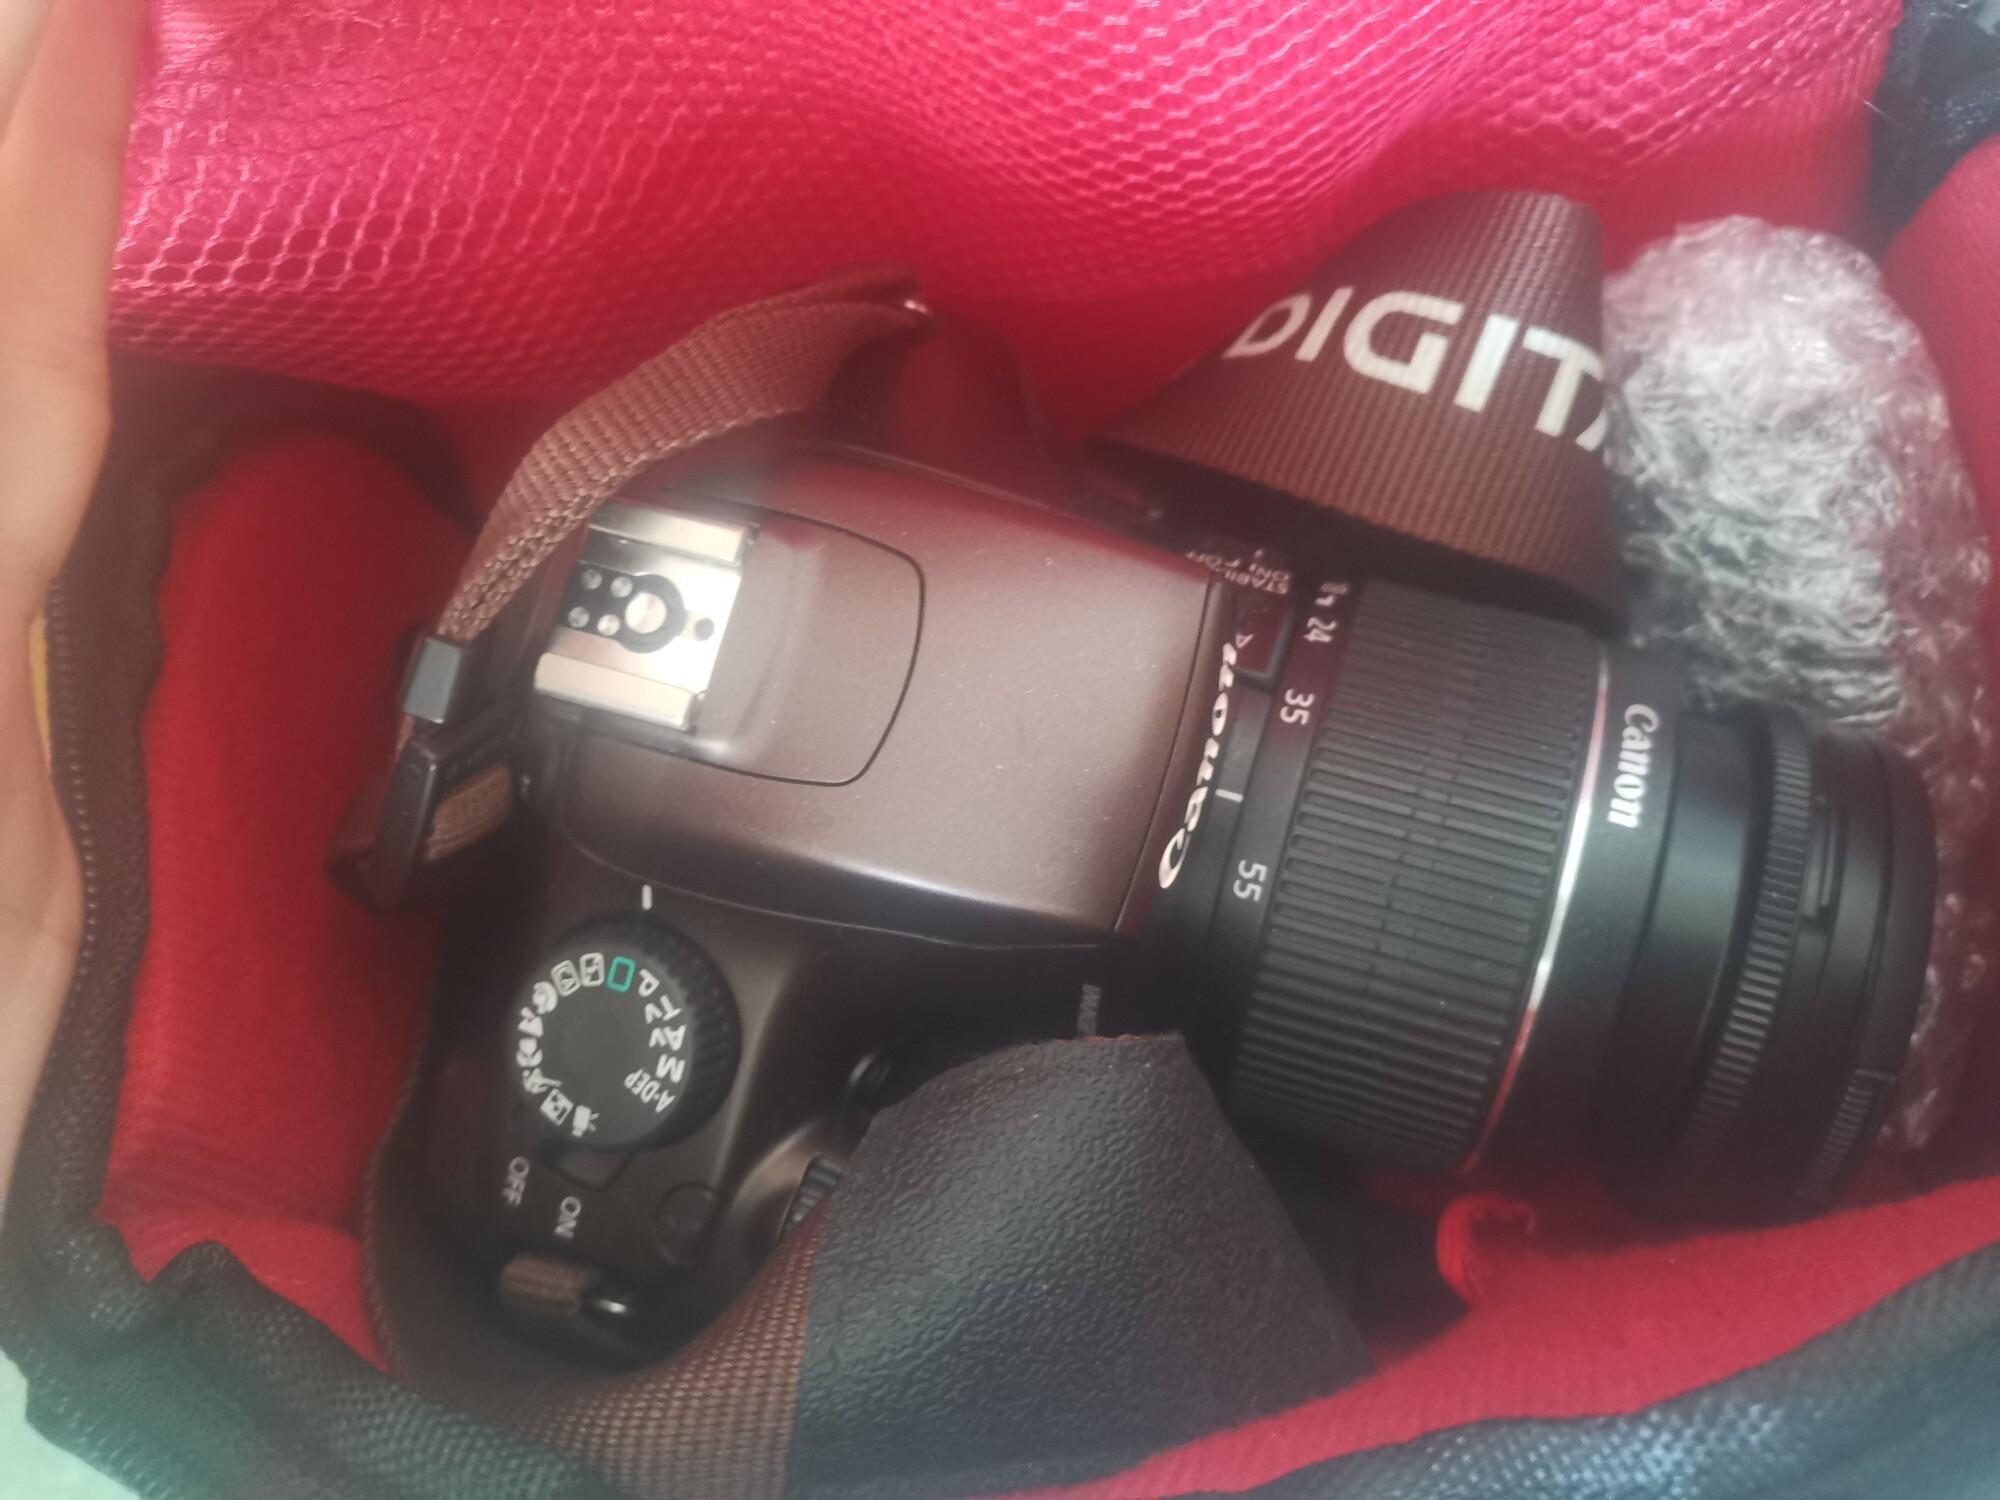 【可换bjd】佳能单反相机1100D棕色套机